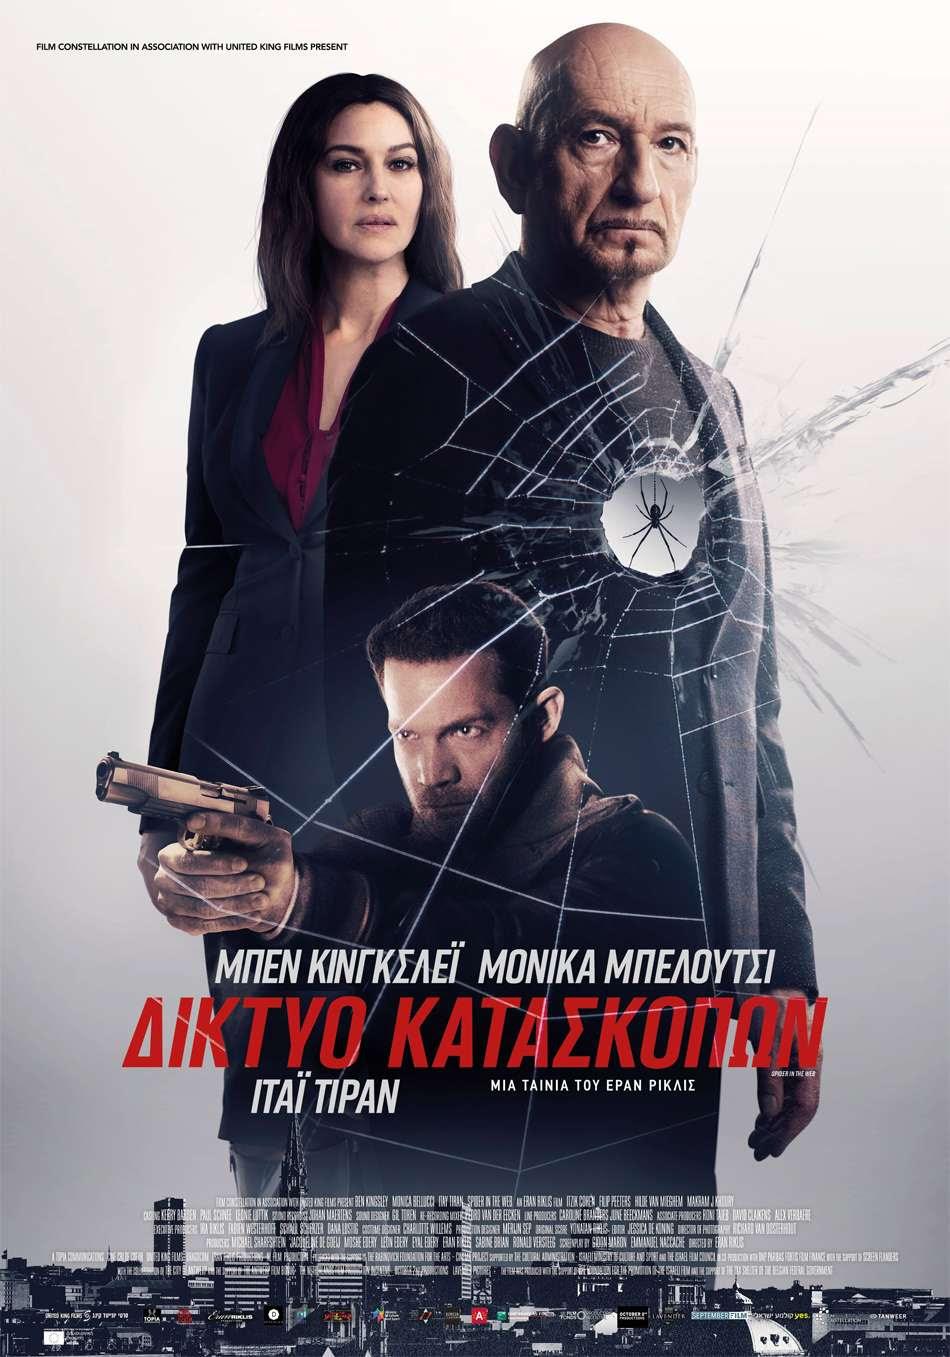 Δίκτυο Κατασκόπων (Spider In The Web) Poster Πόστερ